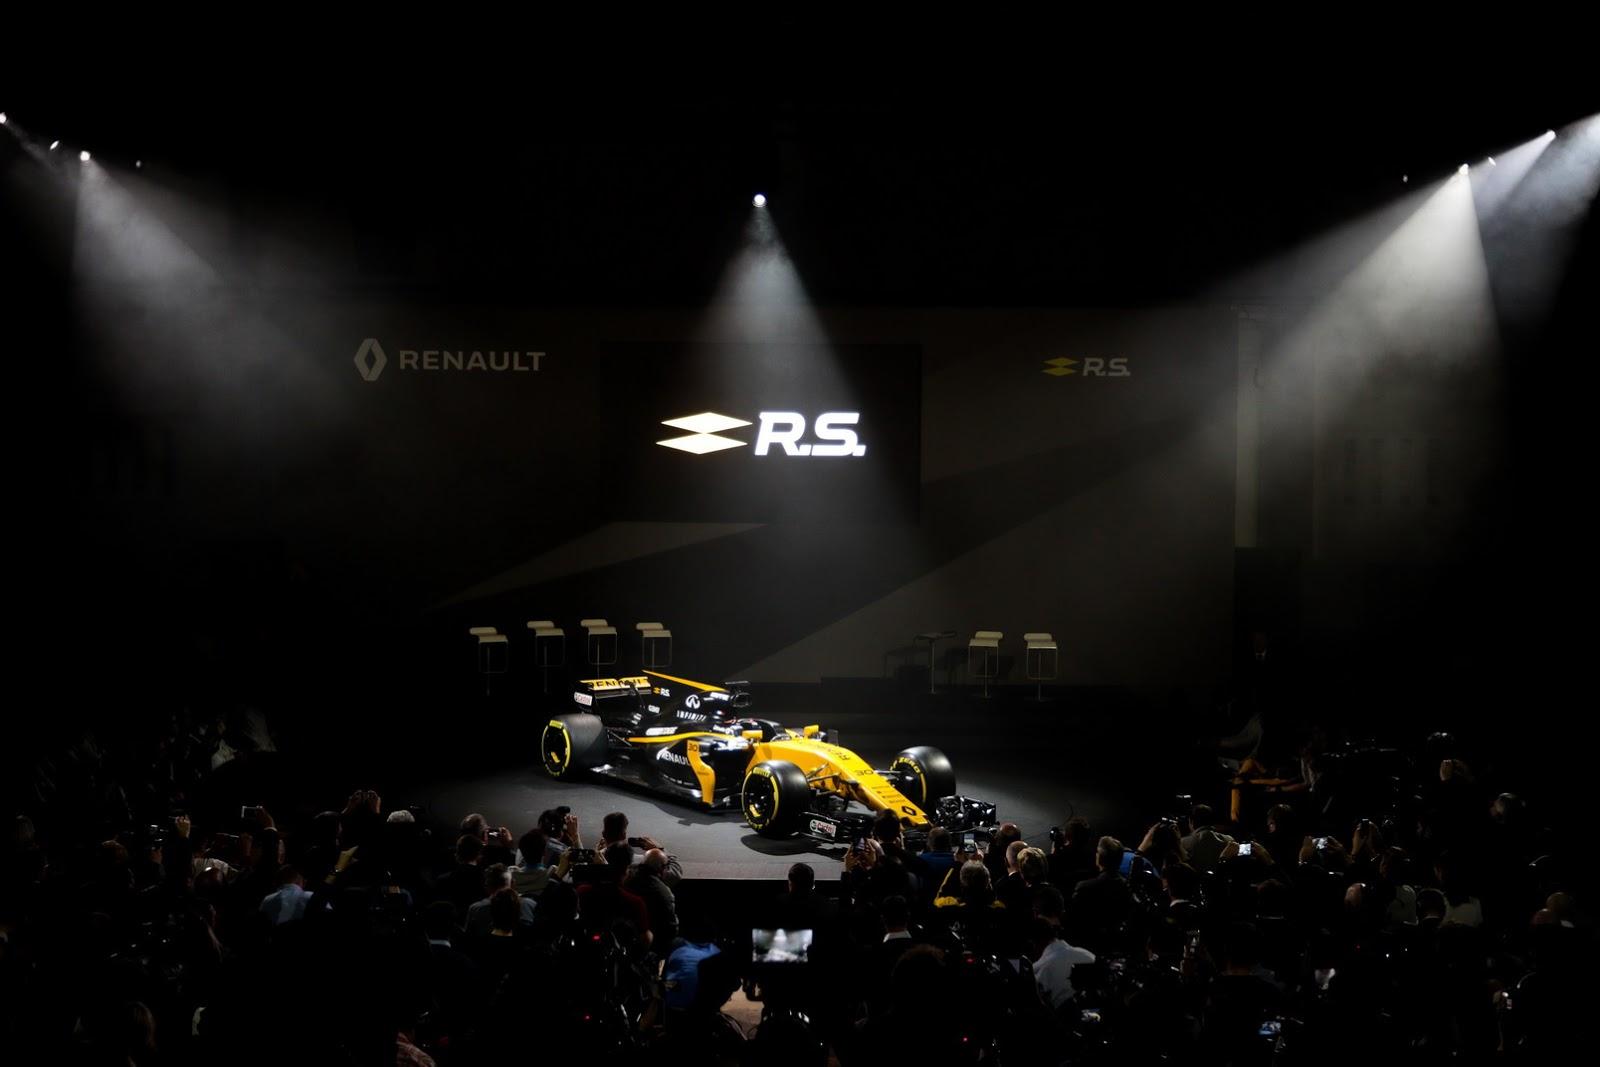 R-F1-15